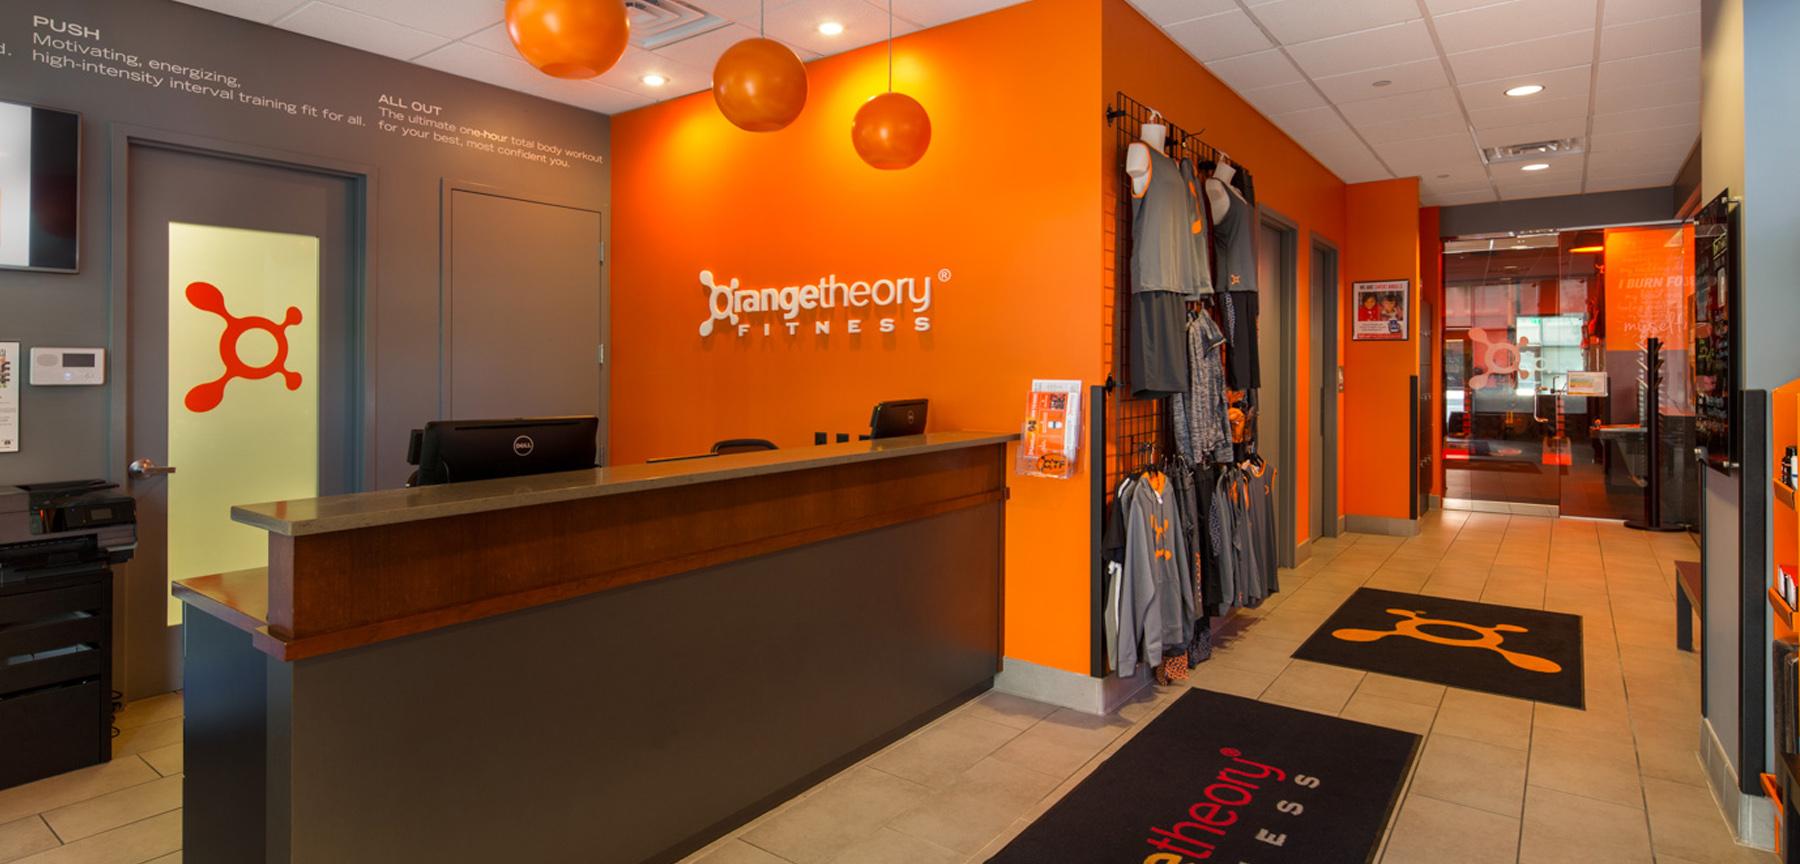 Orangetheory fitness lobby